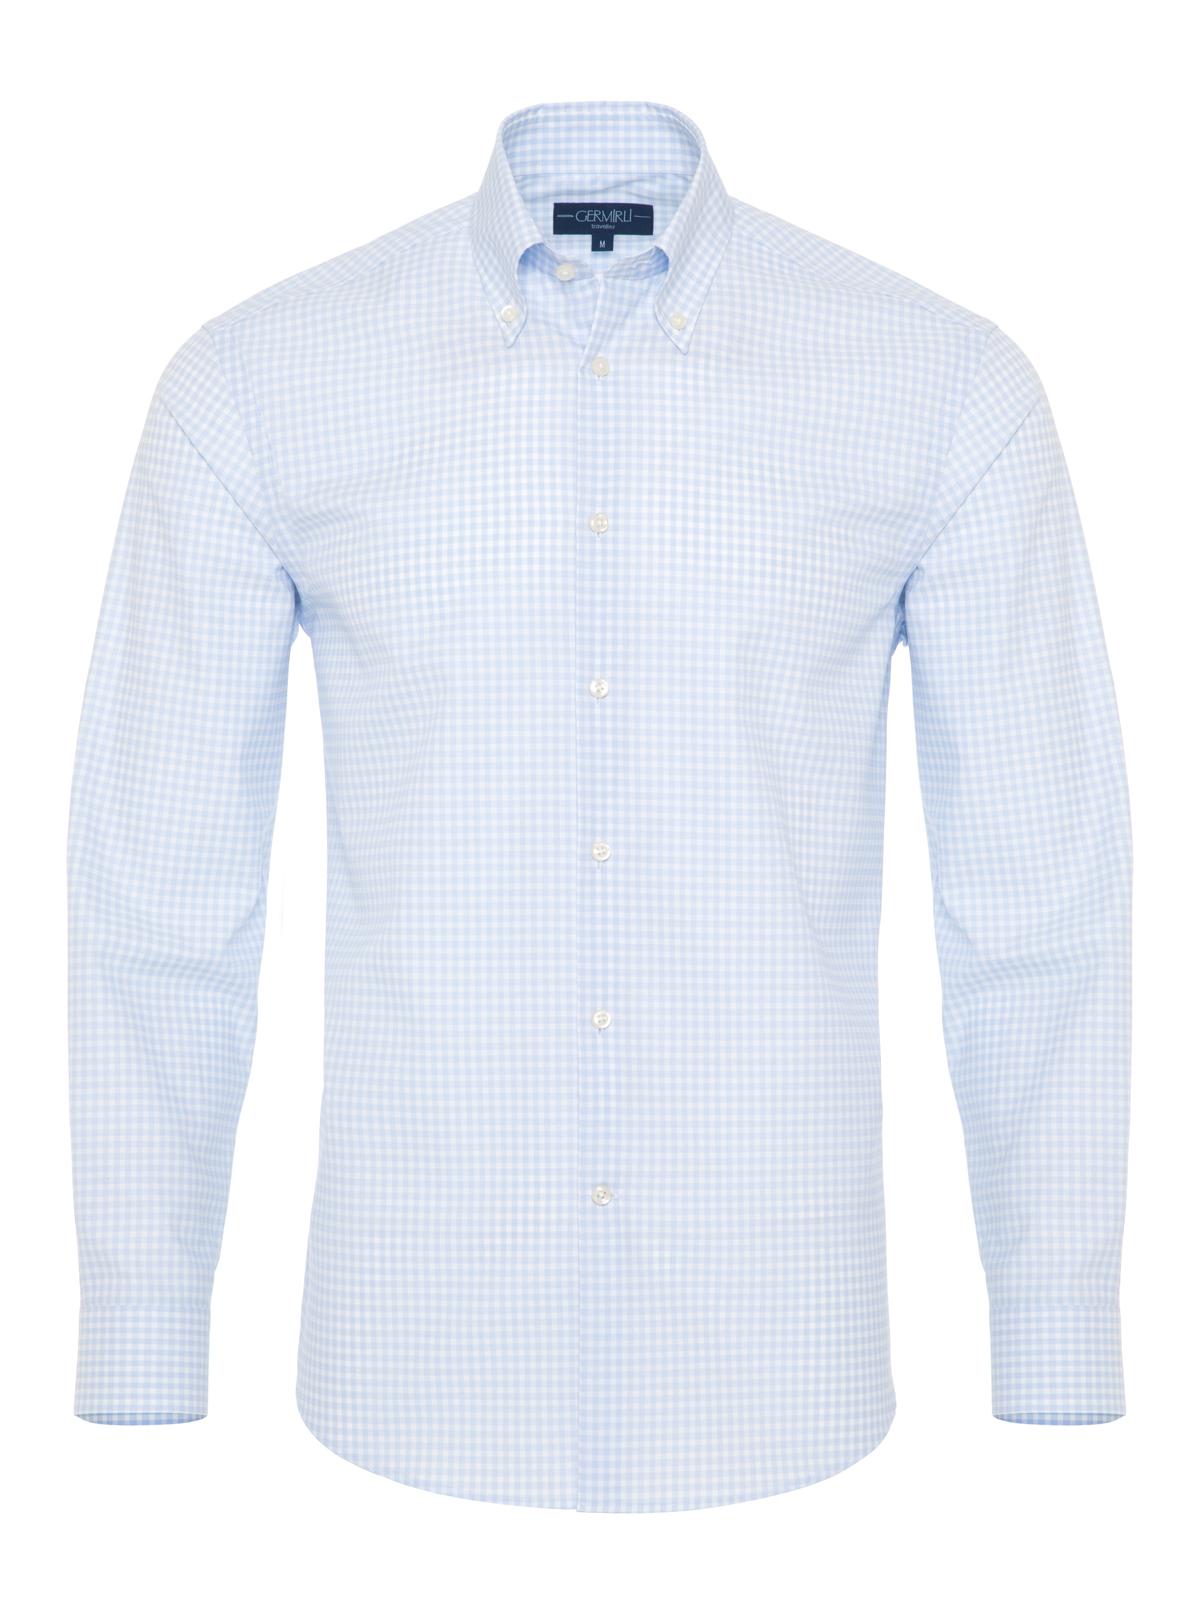 Germirli Non Iron Açık Mavi Beyaz Kareli Düğmeli Yaka Tailor Fit Journey Gömlek